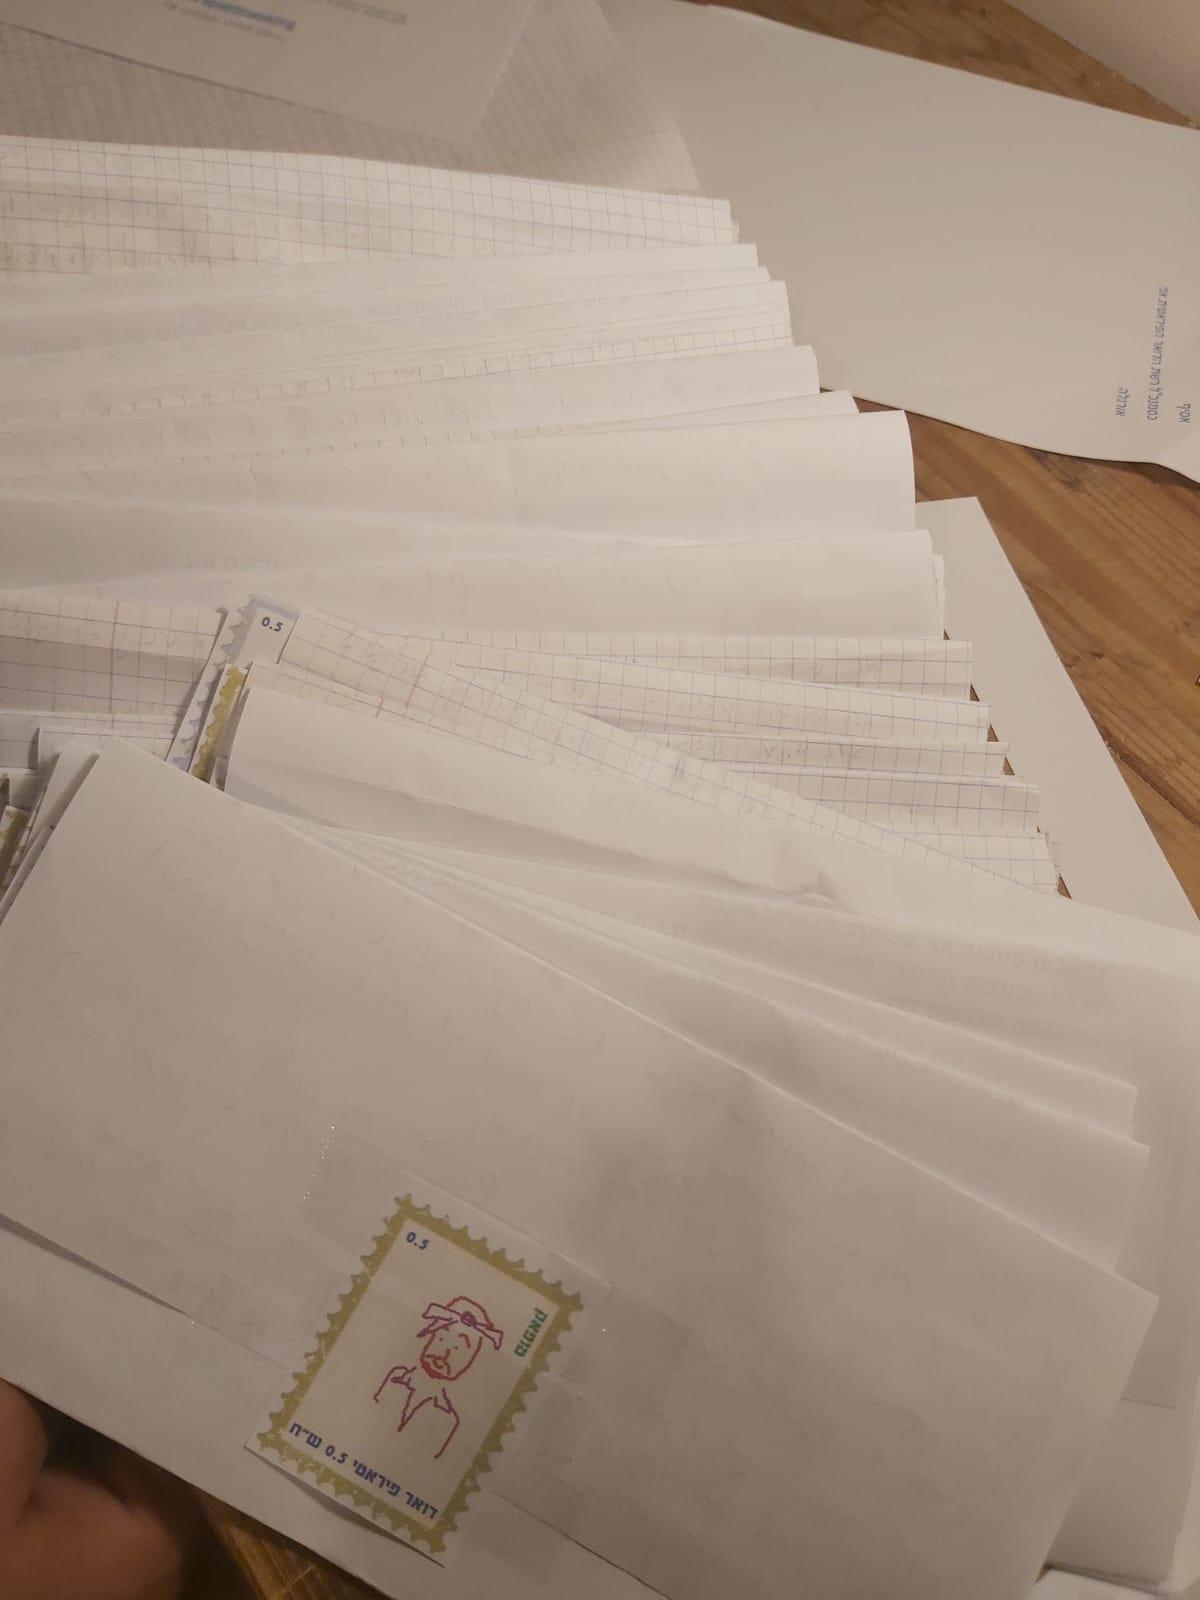 מי זה כותב לך ילדונת? מכתבי רשת הדואר הפיראטית (צילום: אסיף שרתוק)